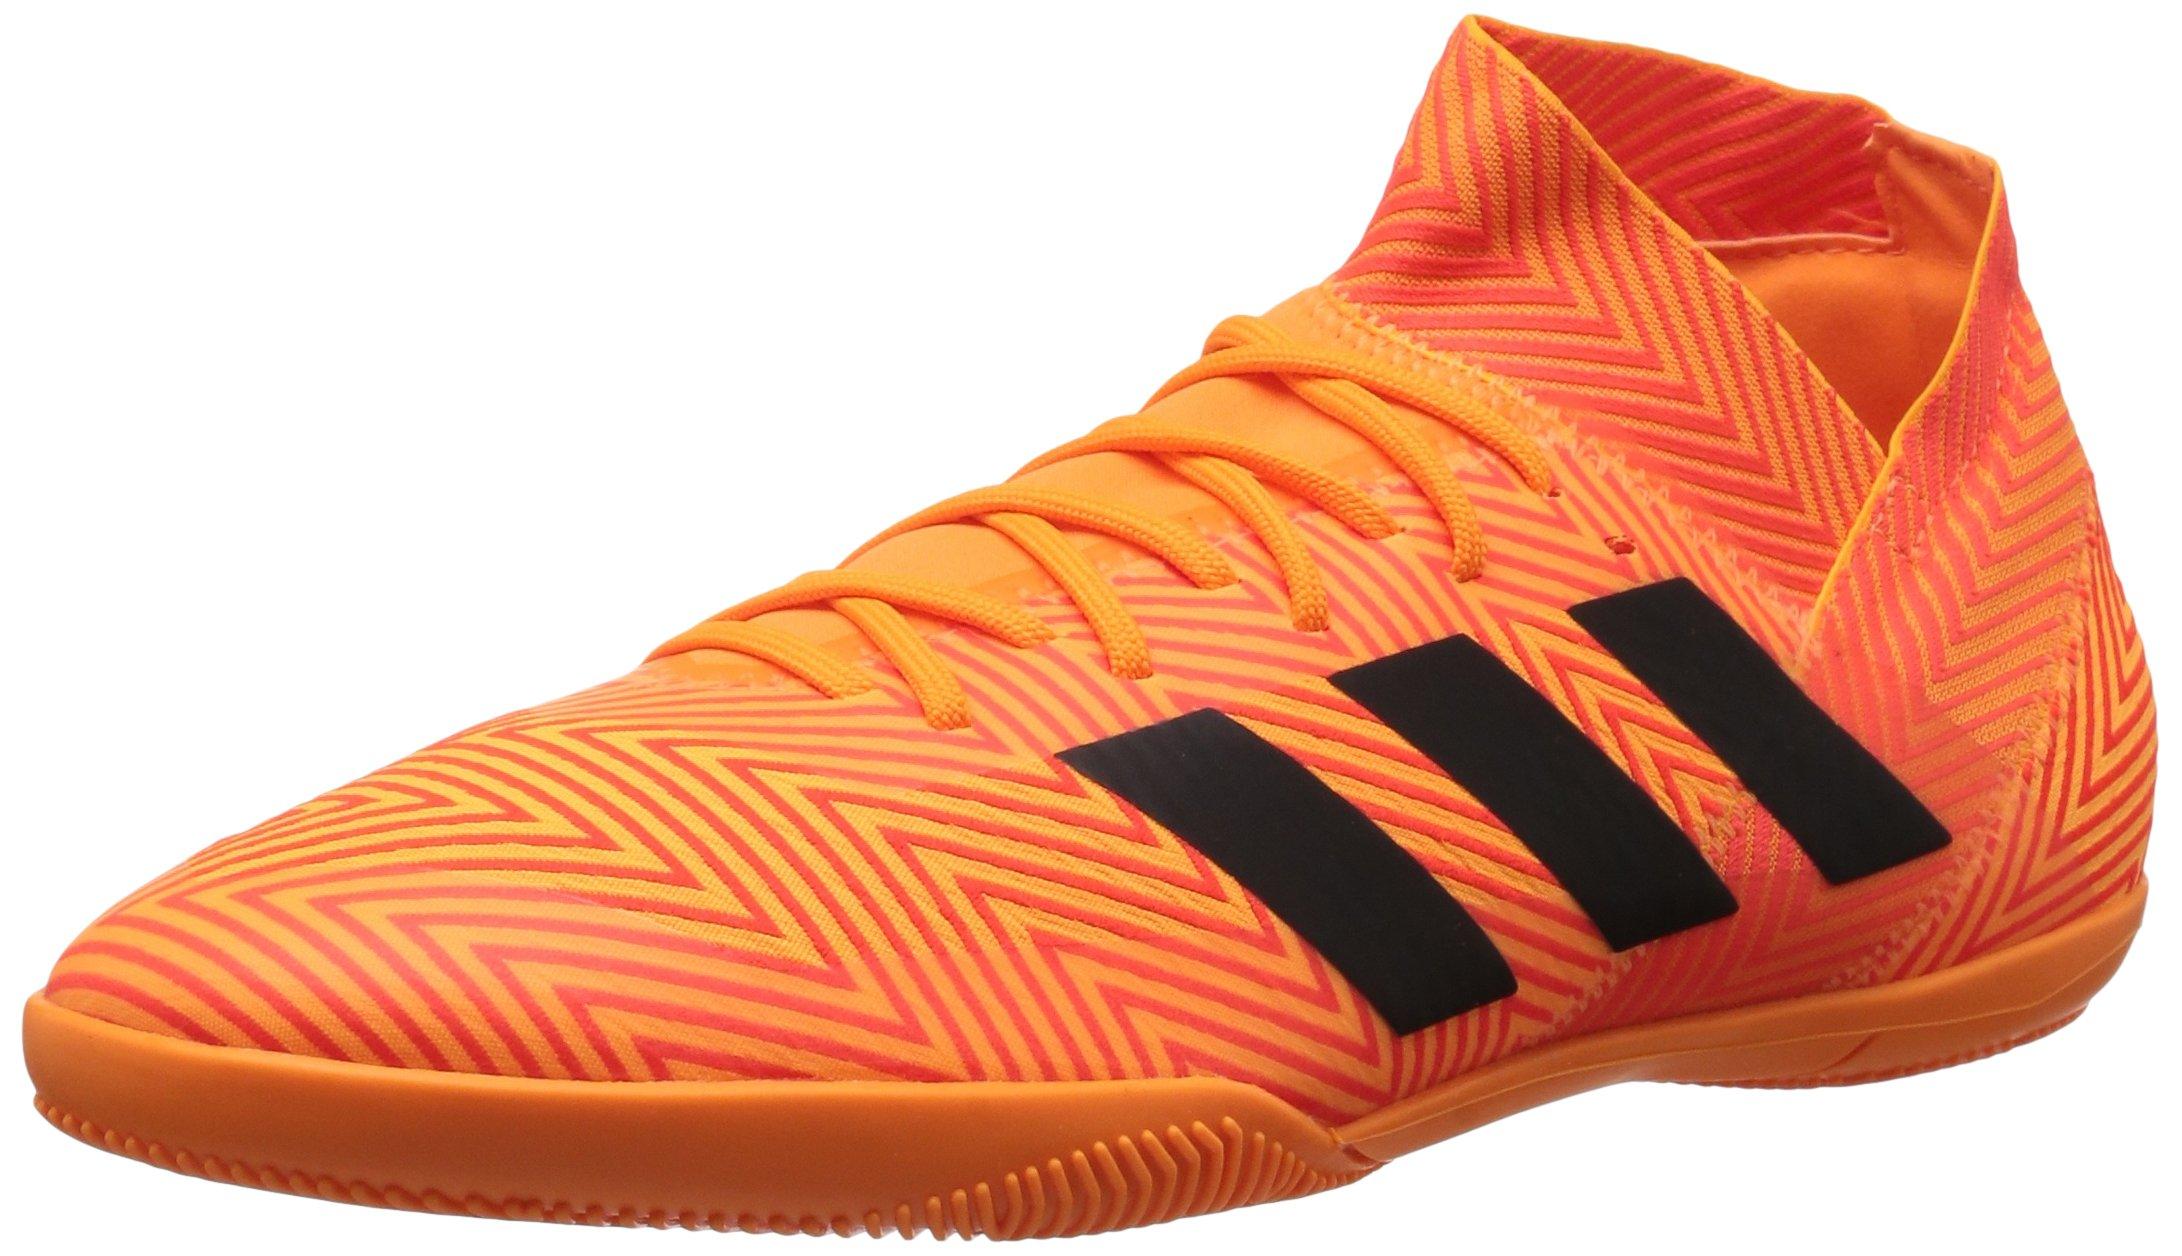 adidas Men's Nemeziz Tango 18.3 Indoor Soccer Shoe, Zest/Black/Solar Red, 10.5 M US